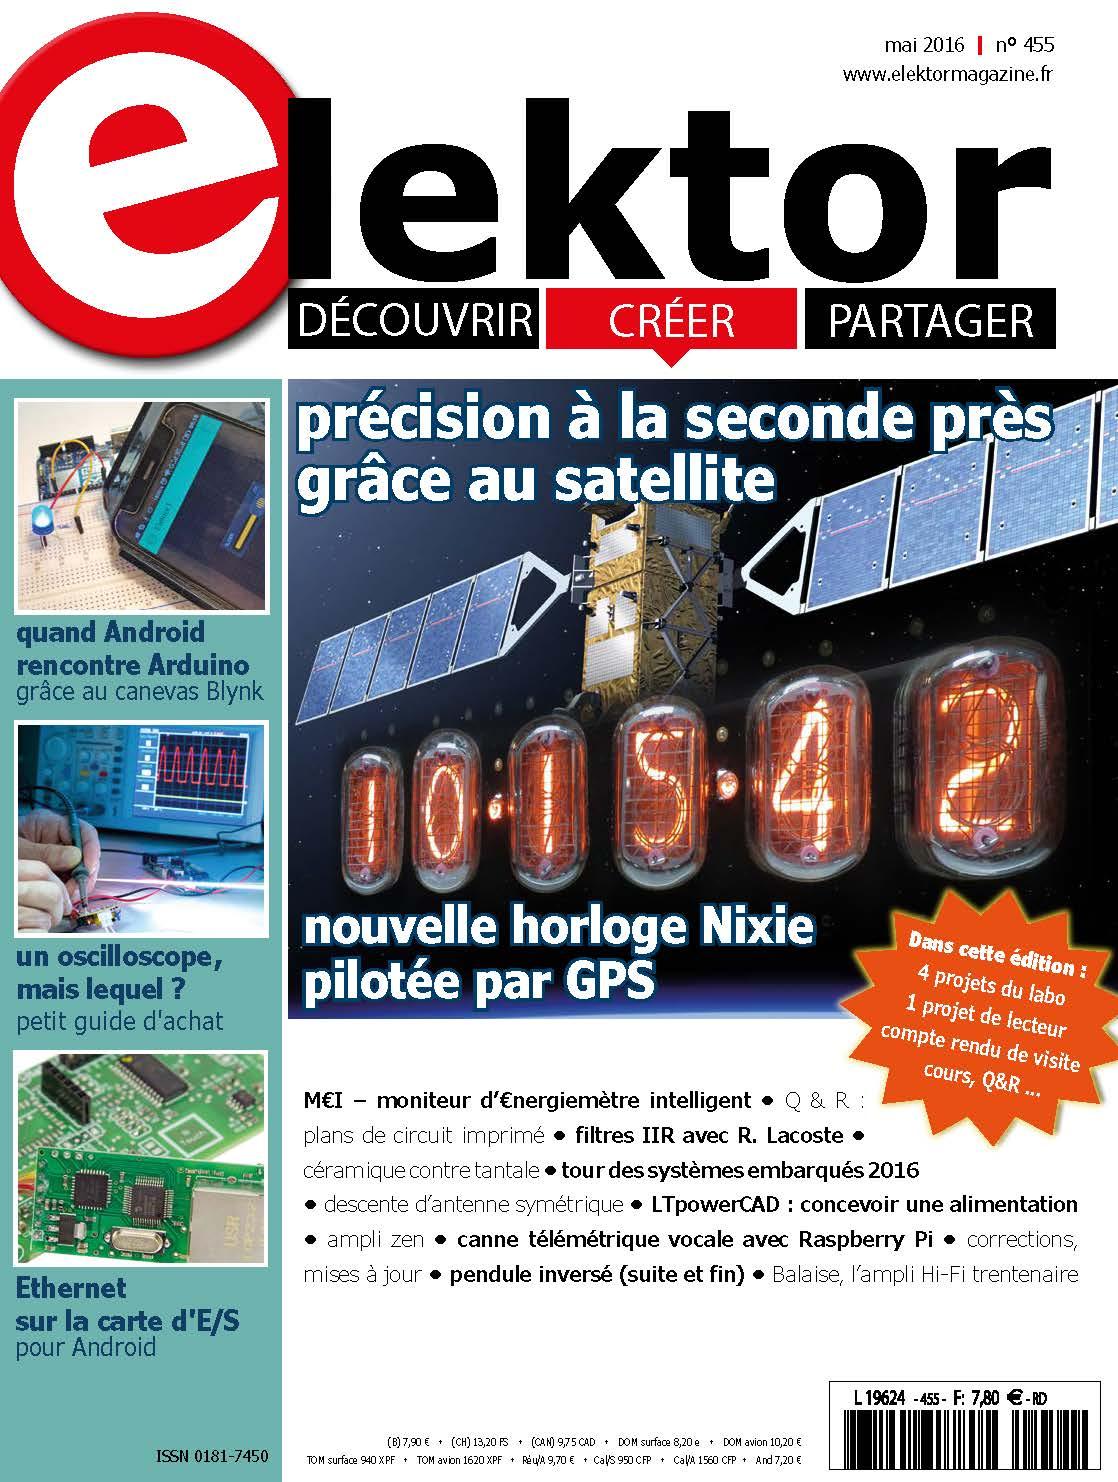 Le nouveau numéro d'Elektor (mai 2016) vient de paraître